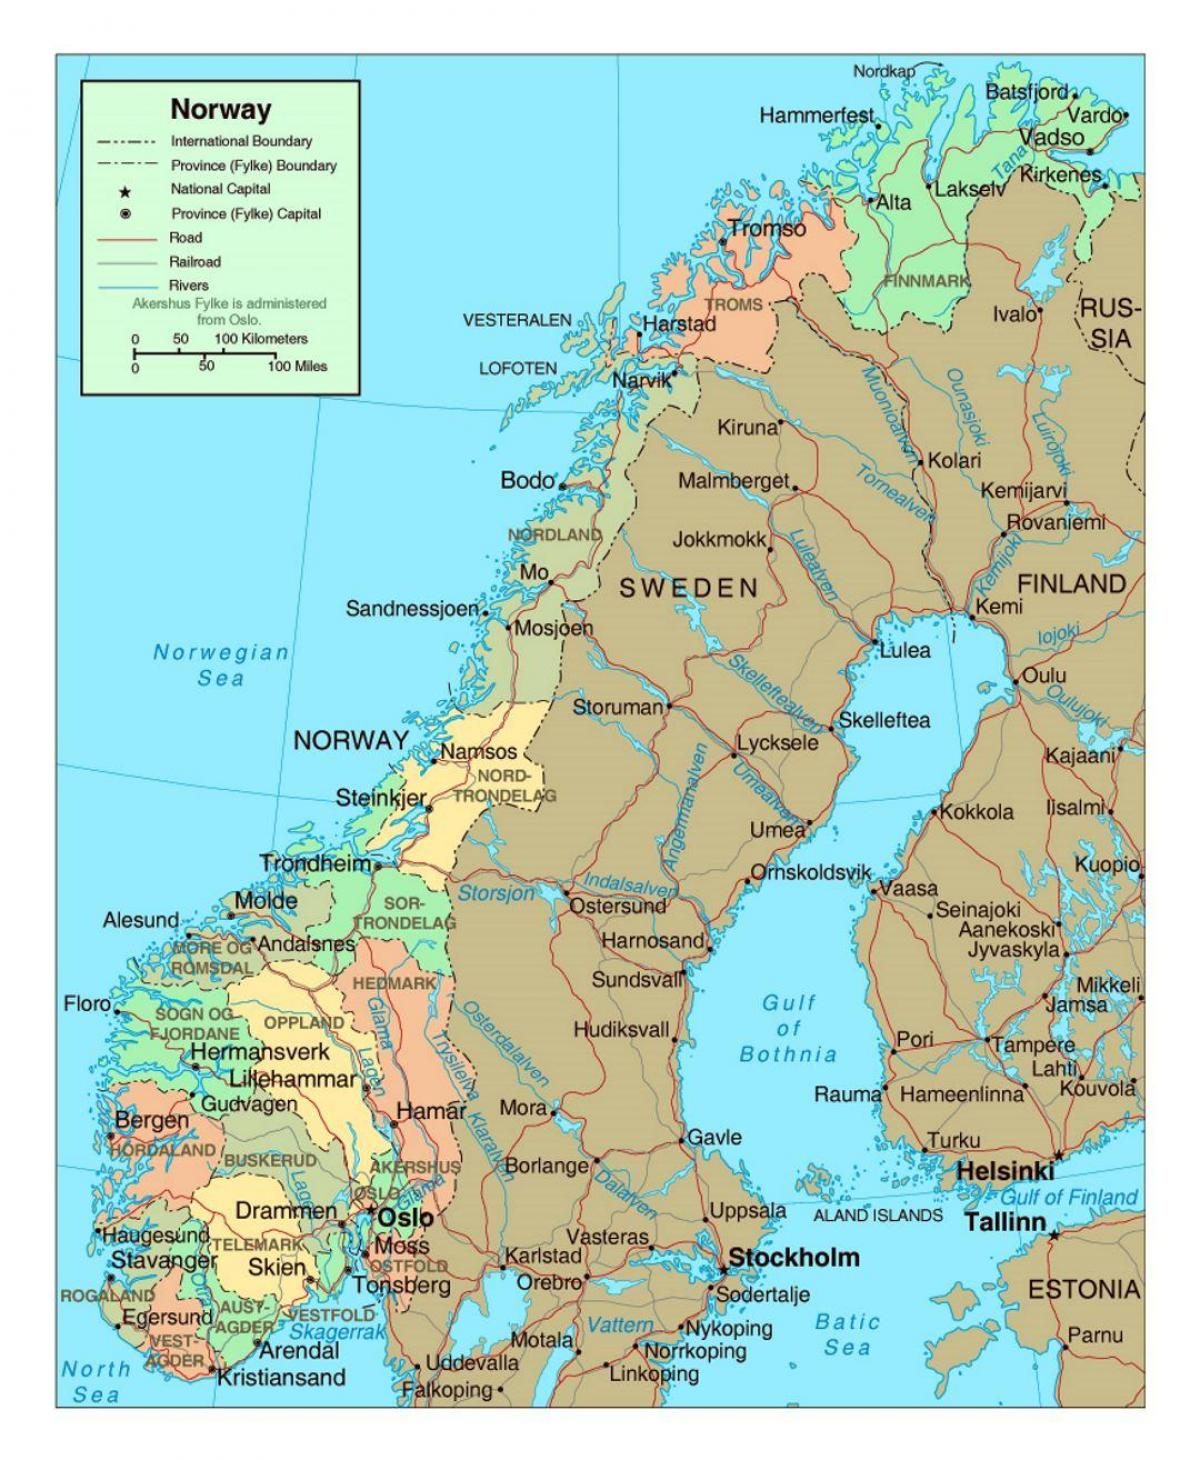 Karte Von Europa Mit Städten.Norwegen Städte Karte Landkarte Von Norwegen Mit Städten Europa